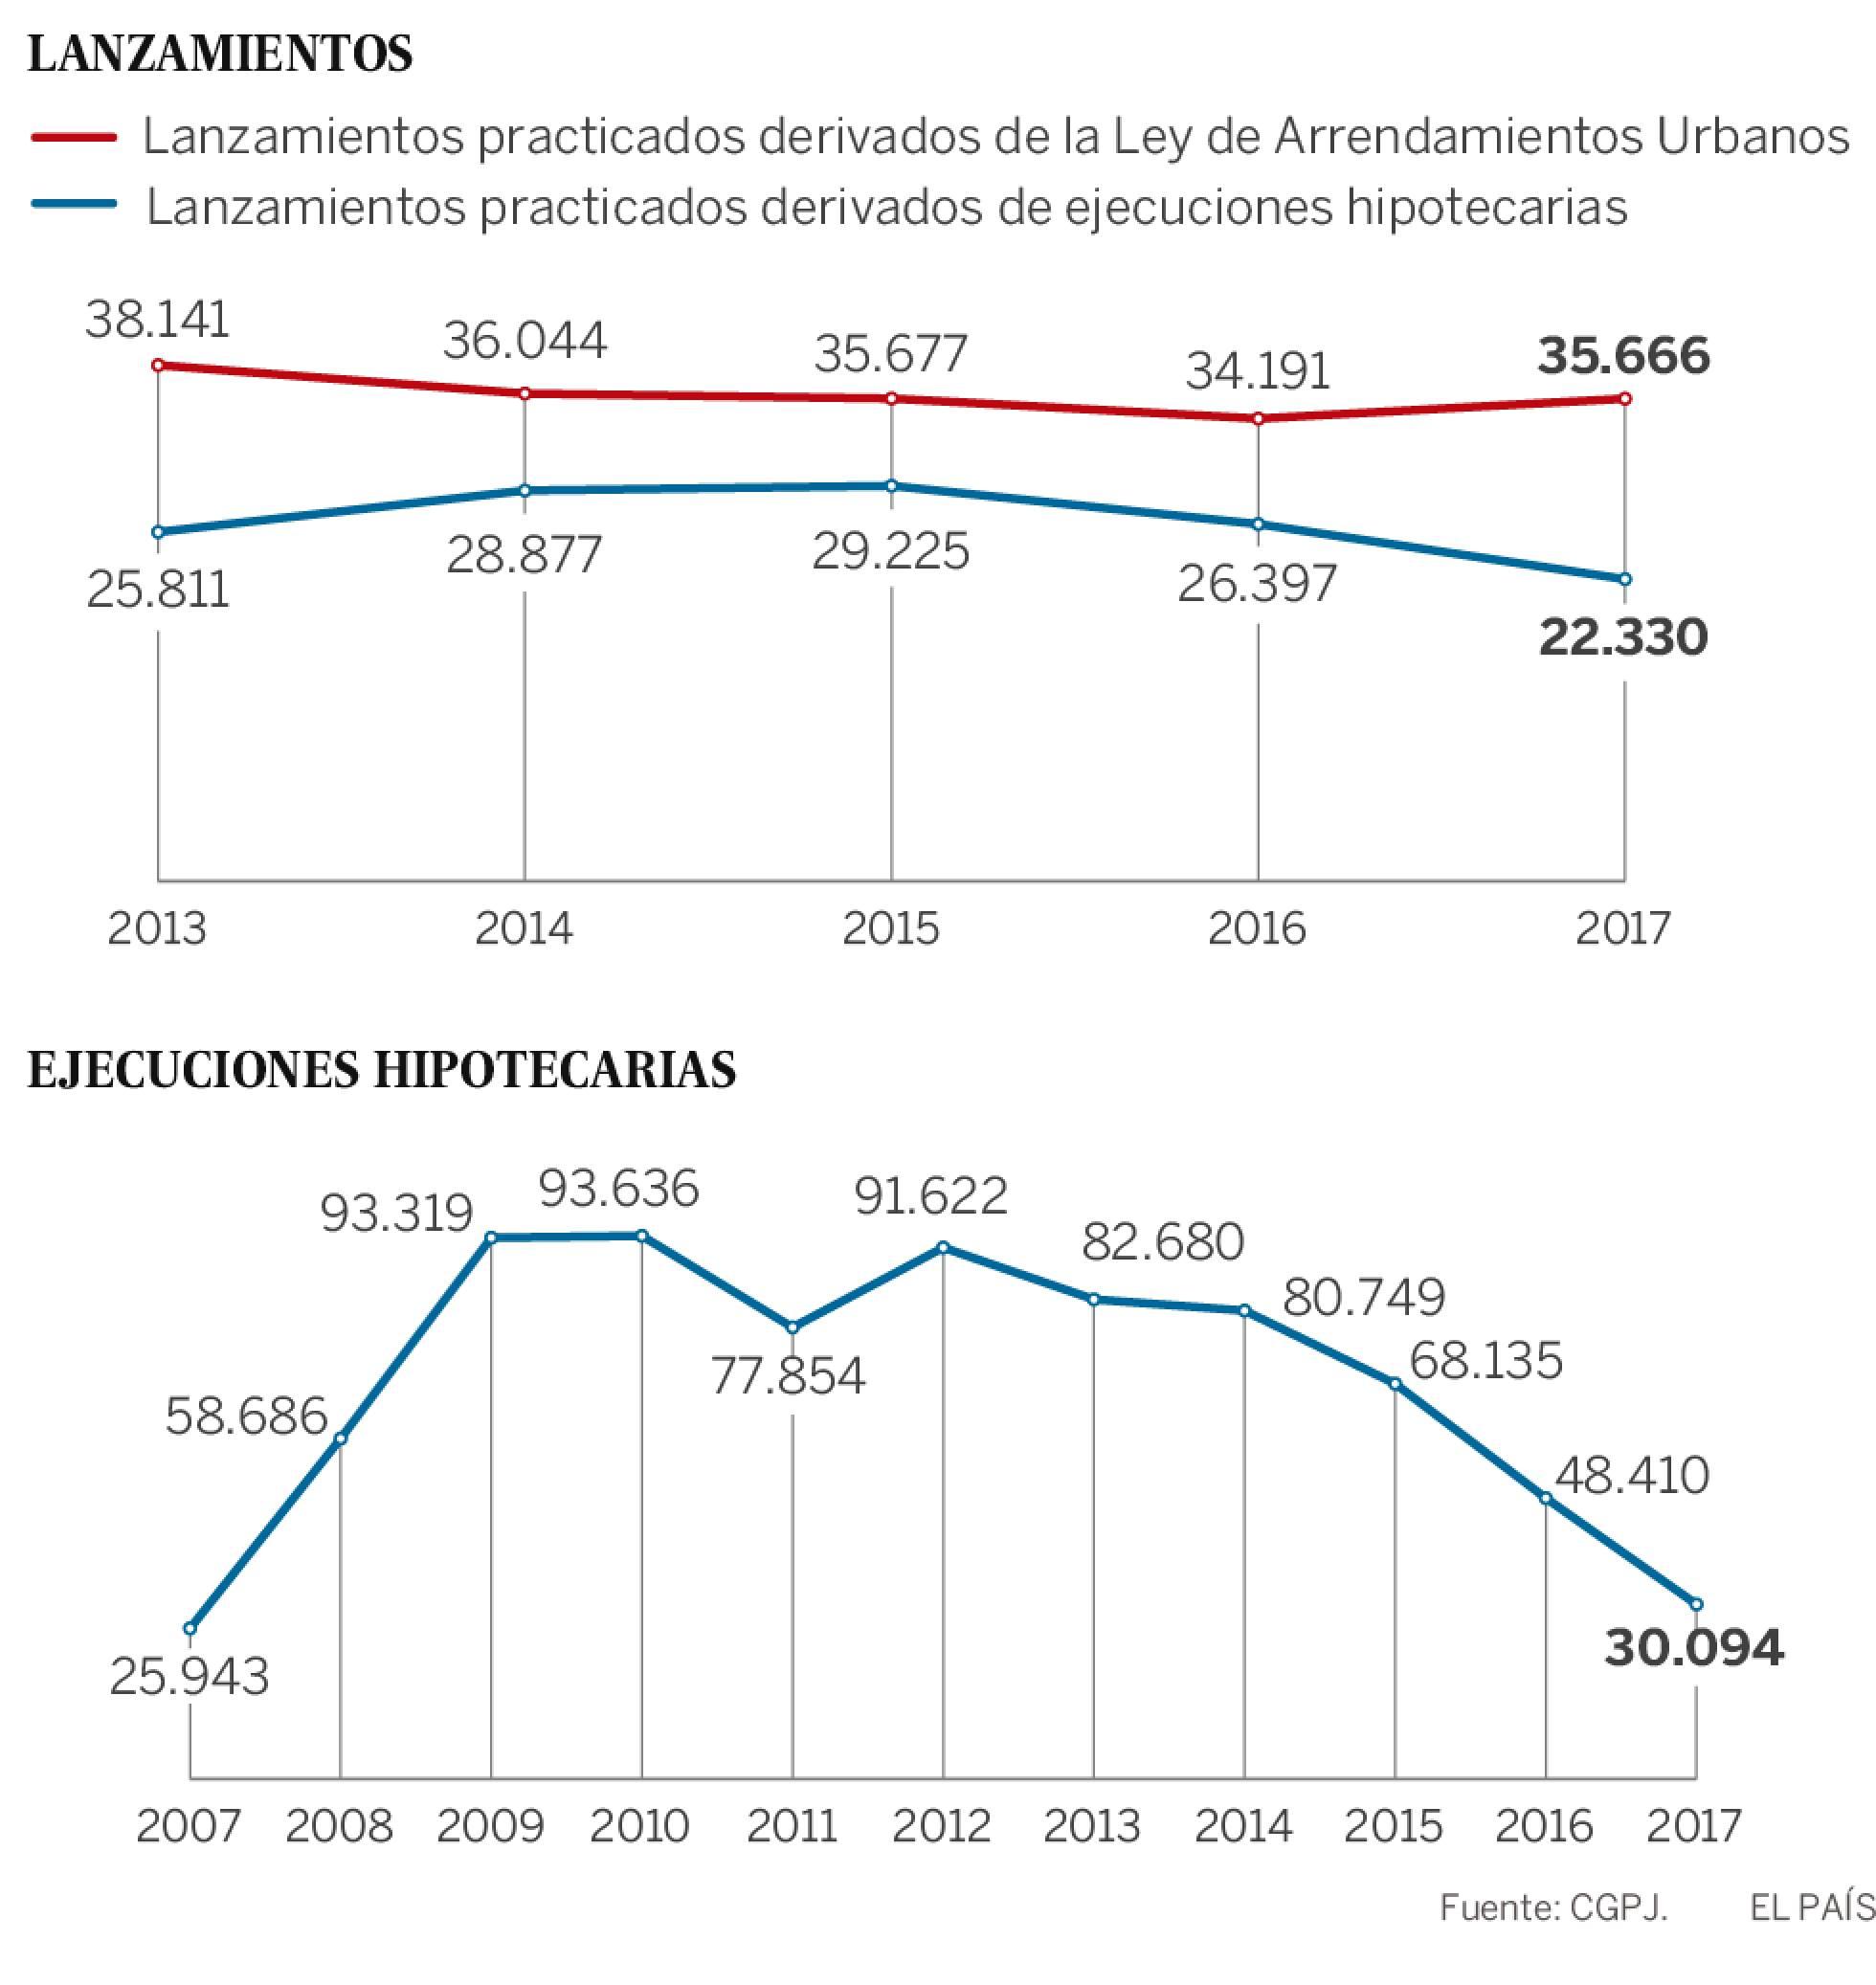 Realidades de la vivienda en el capitalismo español. Luchas contra los desahucios de viviendas. Inversiones y mercado inmobiliario - Página 21 1523717468_643018_1523729736_sumario_normal_recorte1